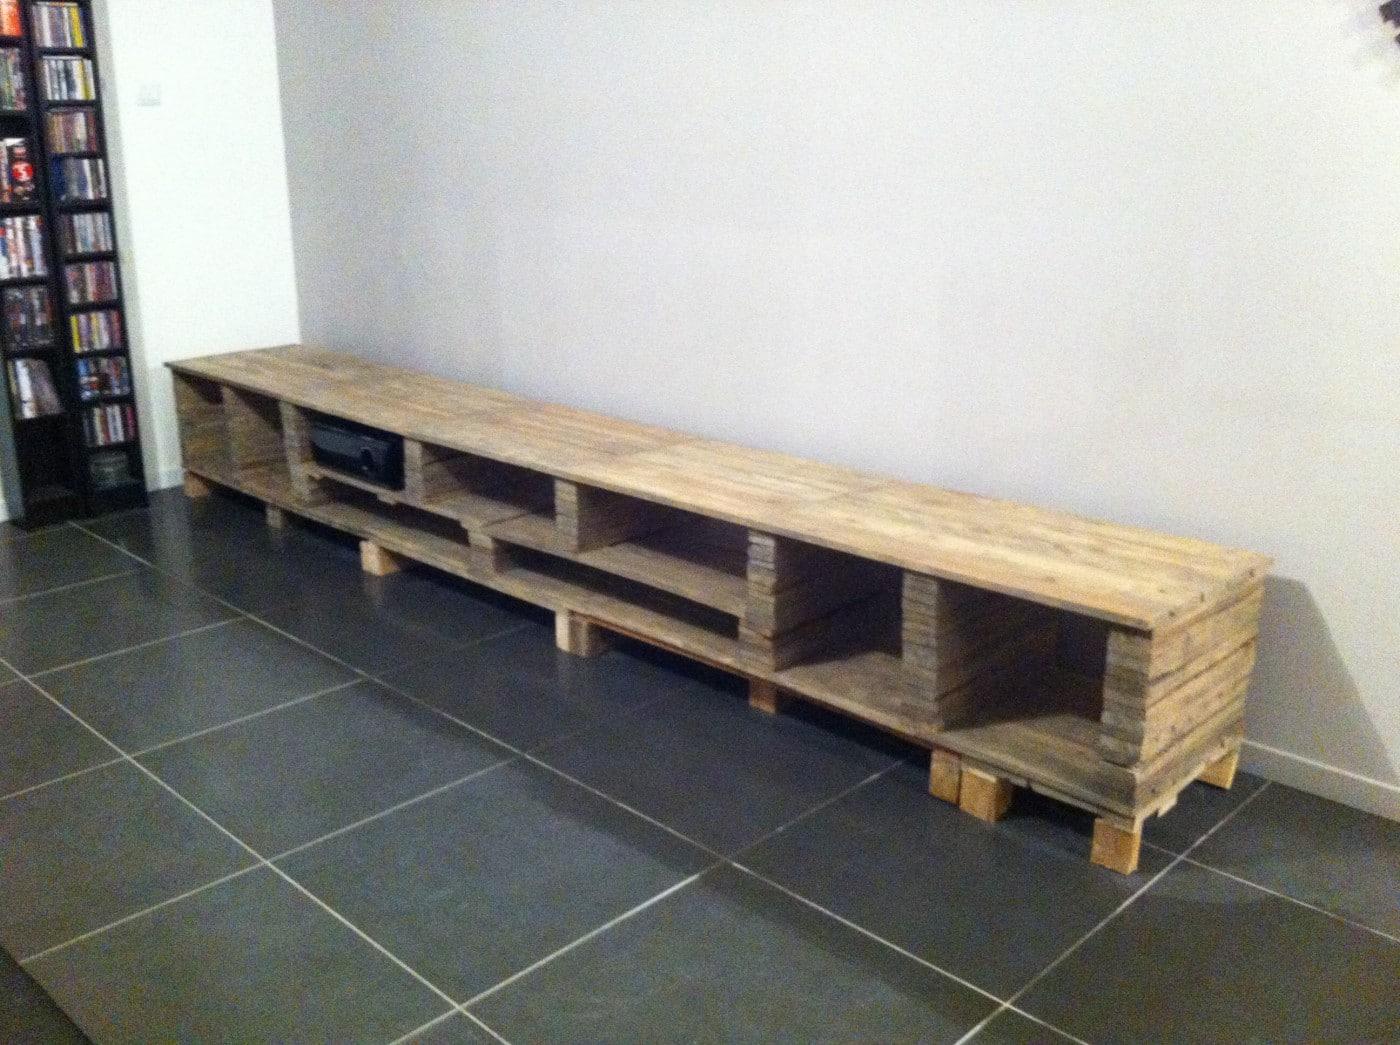 Construire meuble palette - Construire des meubles avec des palettes ...